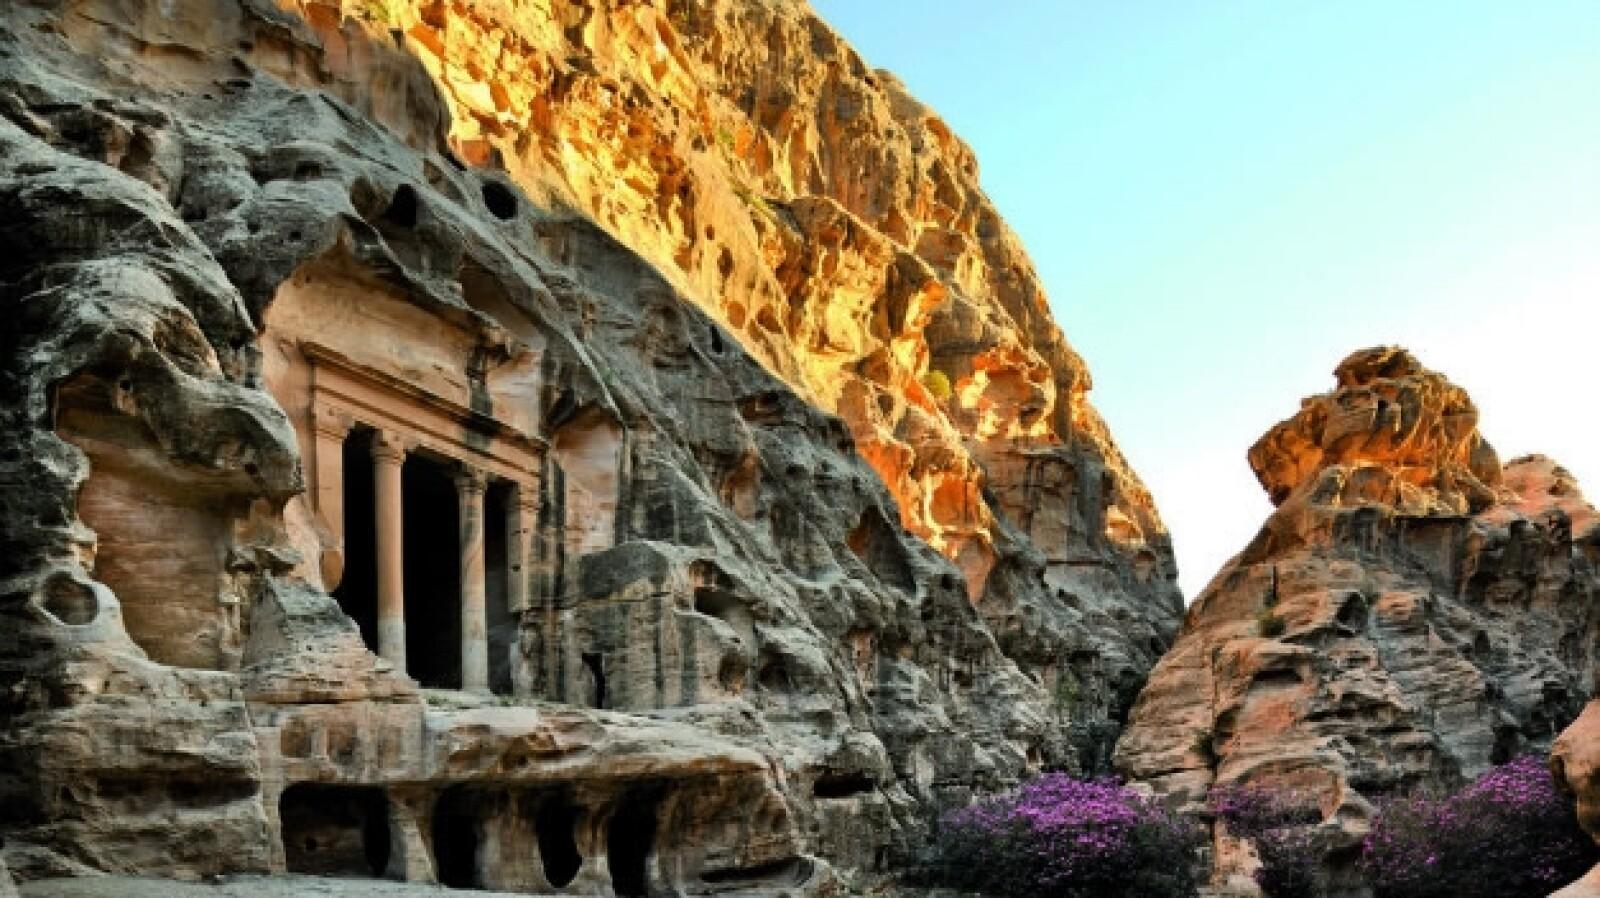 Rock face city of Petra, Jordan